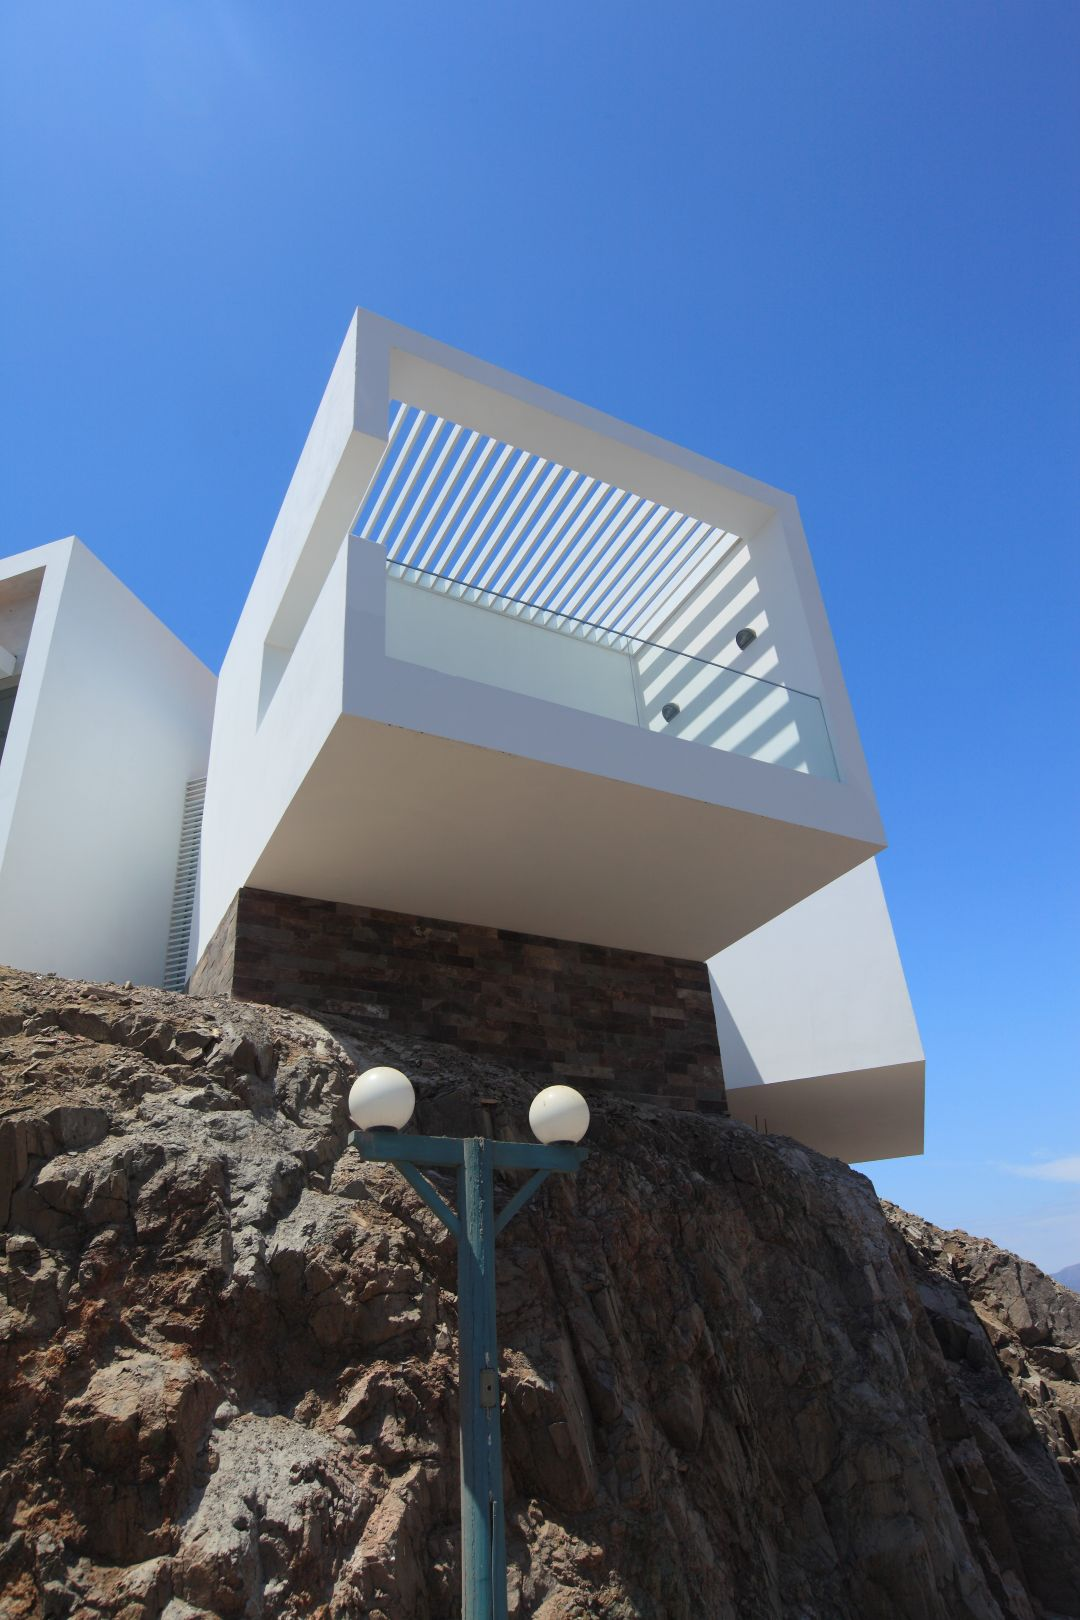 Casa Playa Lomas i5 in Cerro Azul, Peru by Vértice Arquitectos